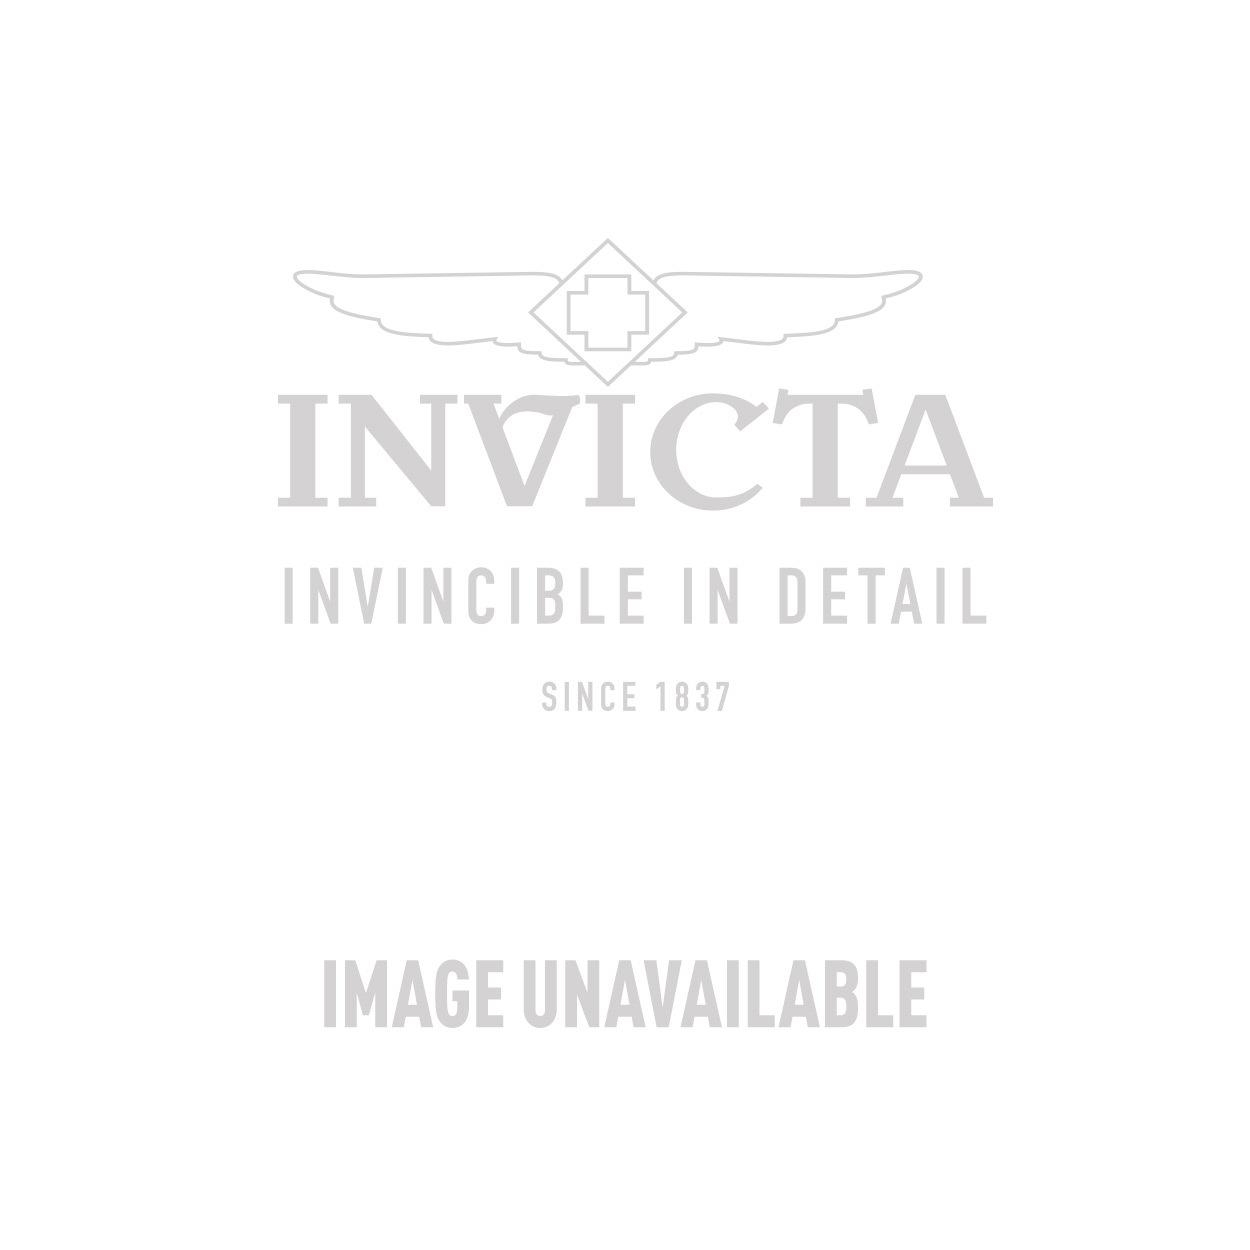 Invicta Specialty Subaqua Quartz Watch - Gold case with Black tone Silicone  band - Model 12591